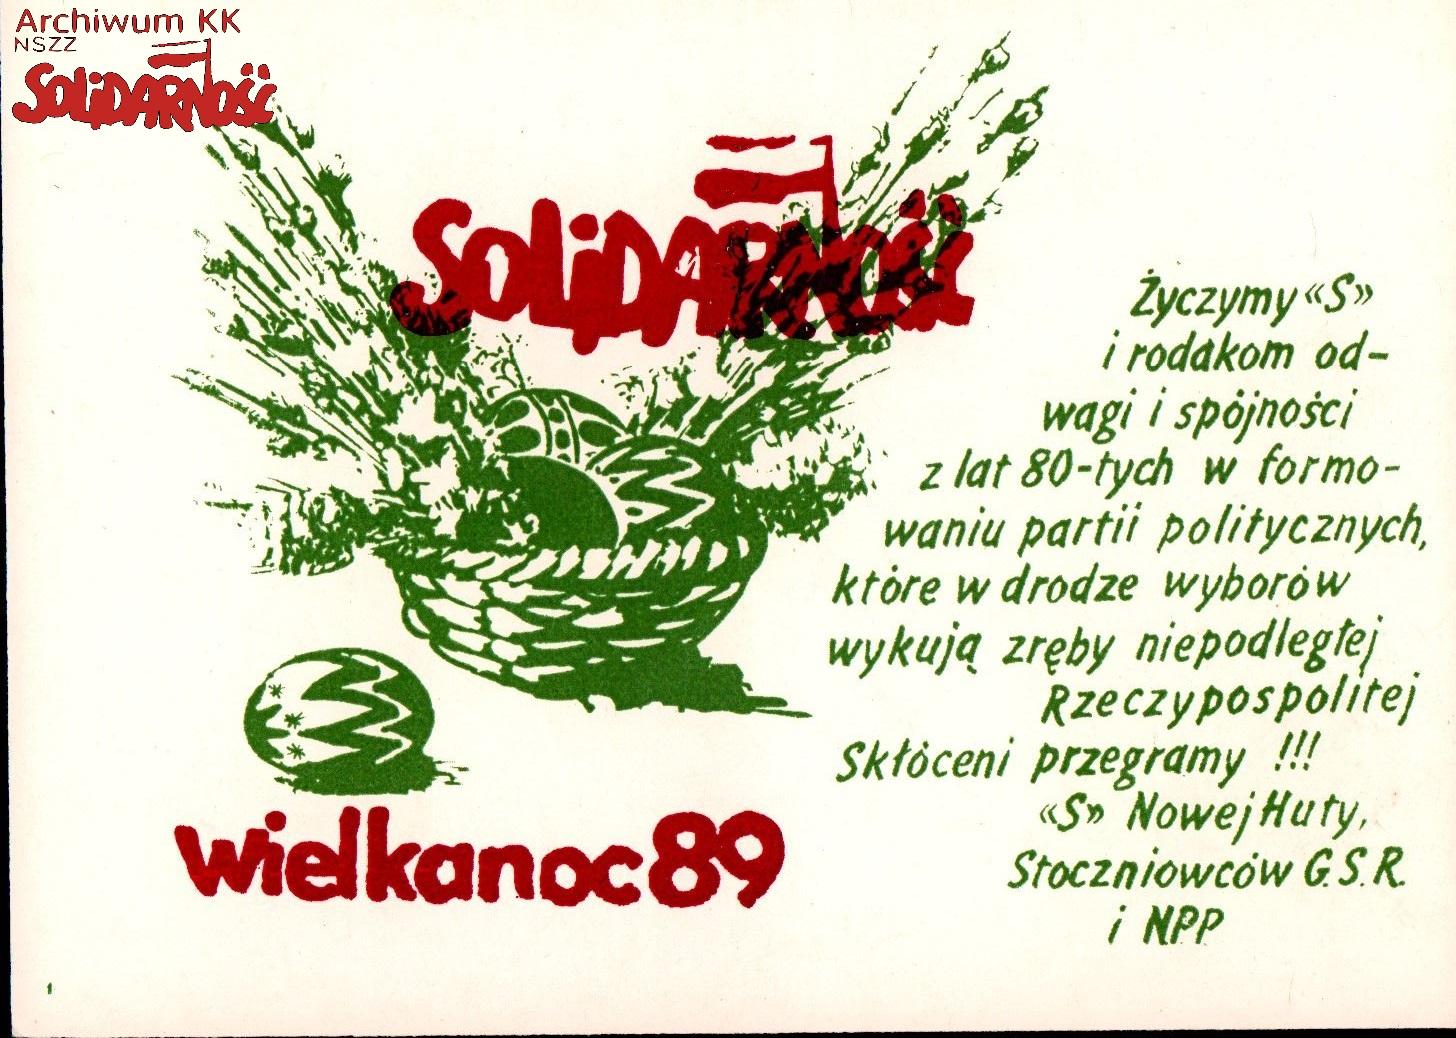 AKKS-347-197-106000003